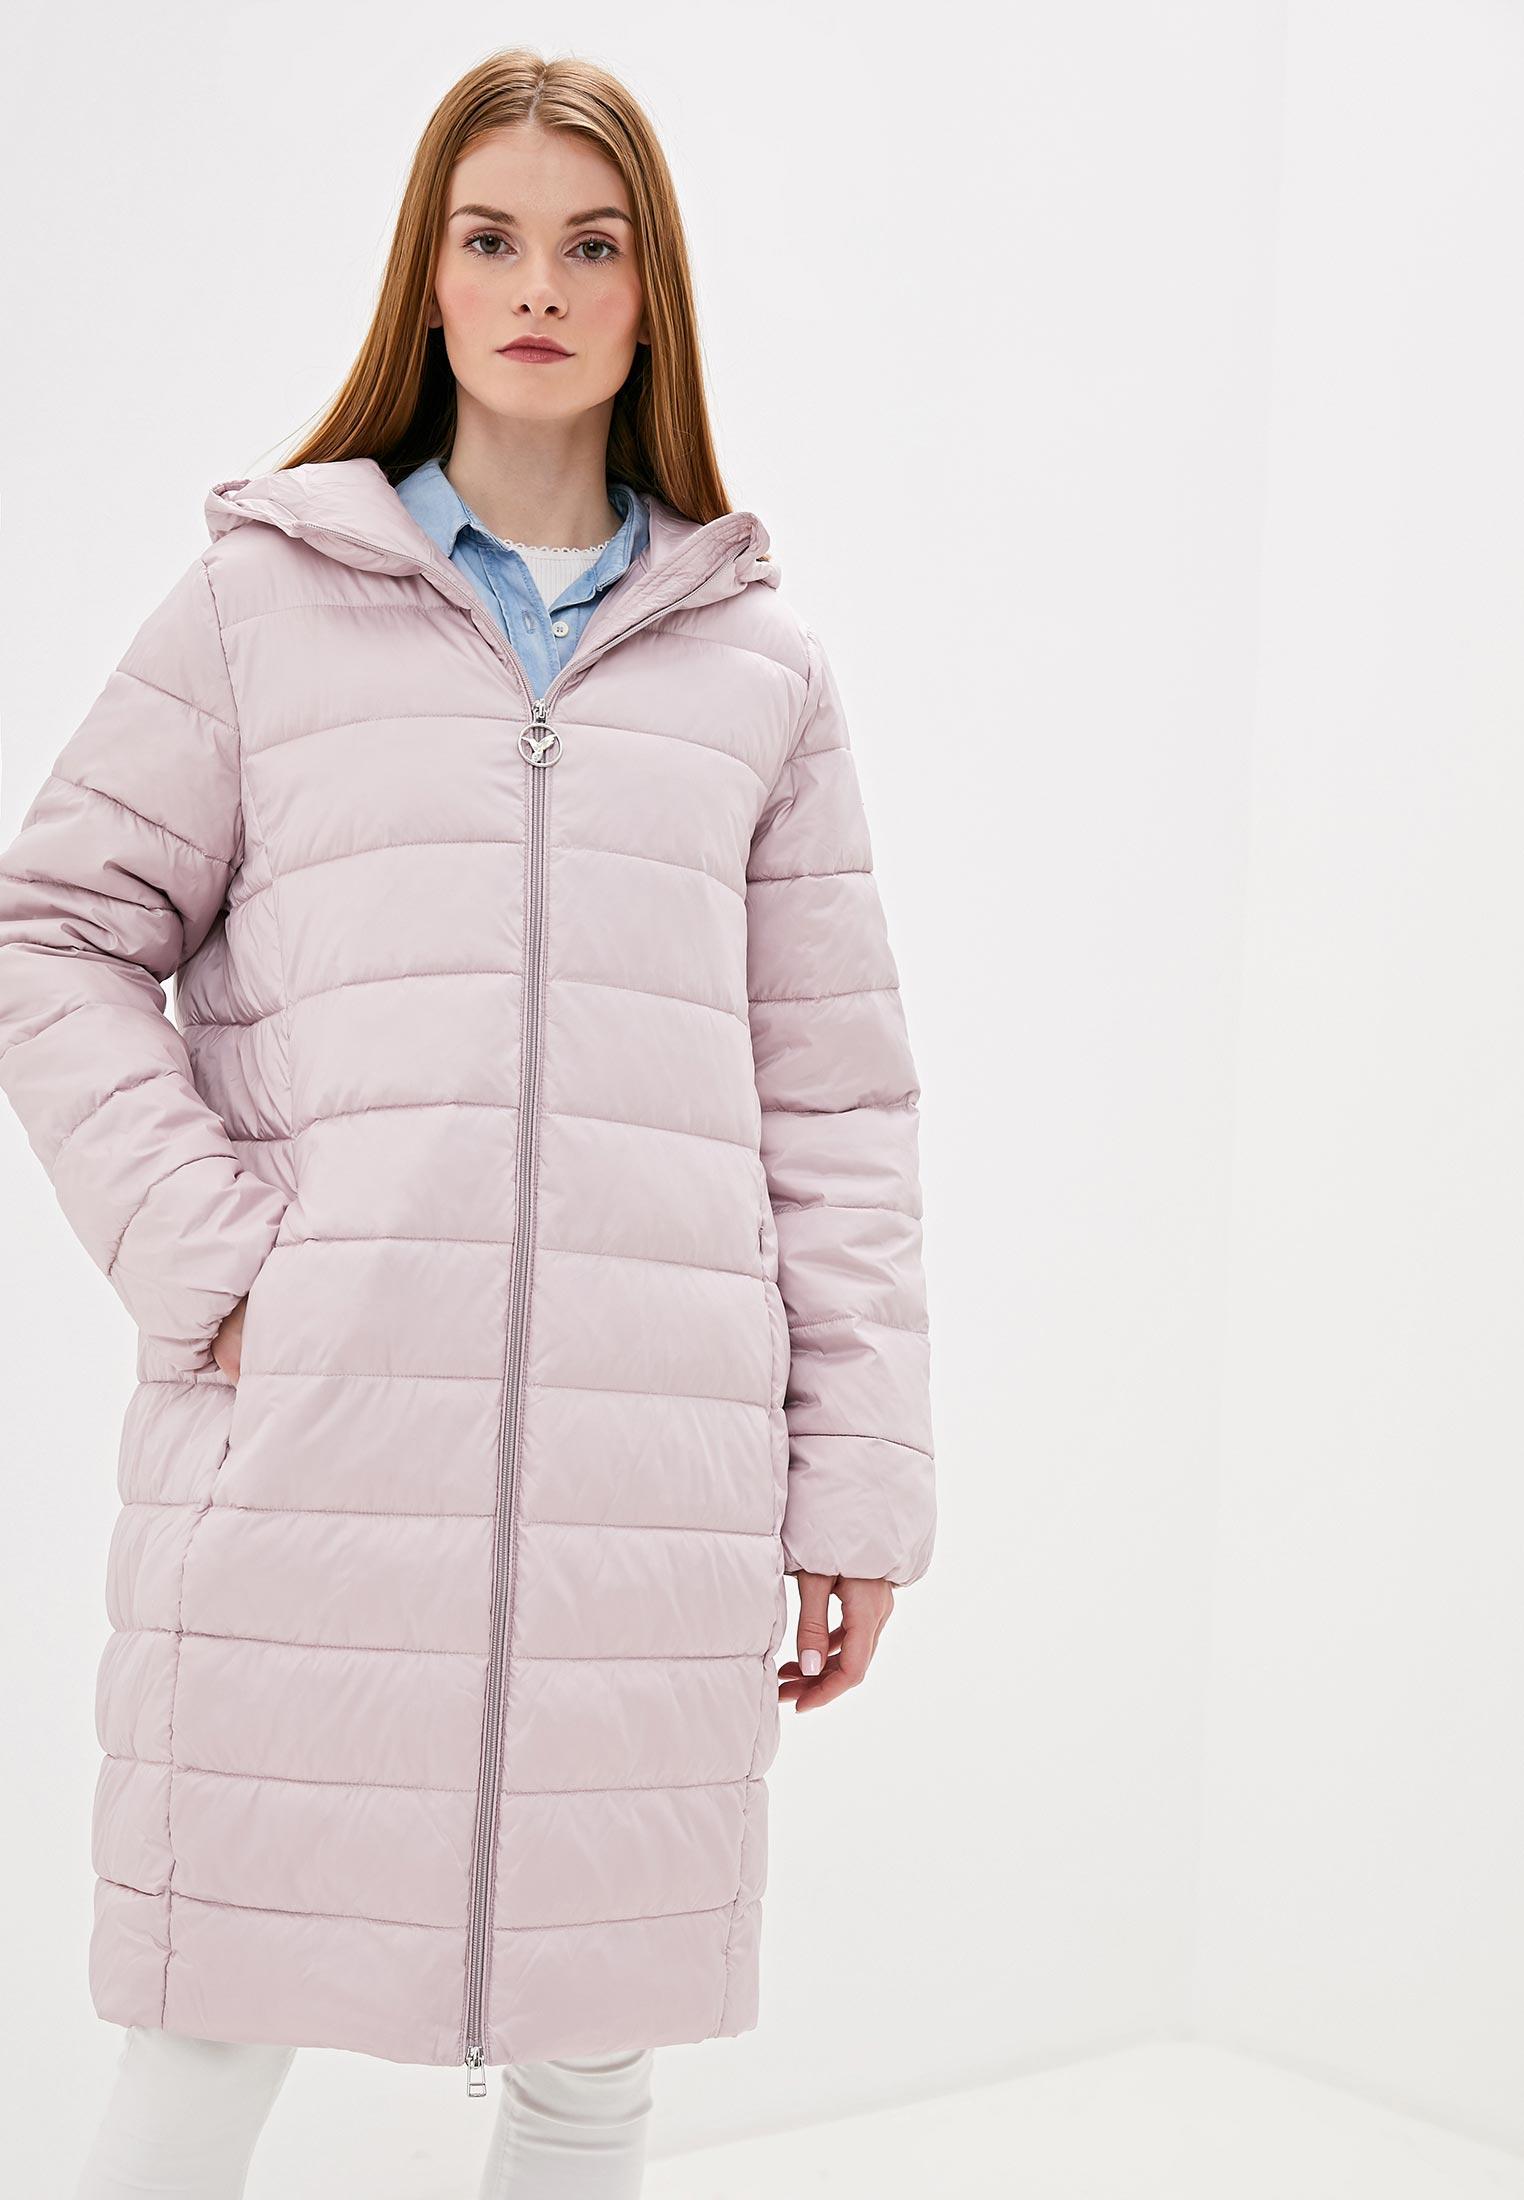 Куртка Odri Mio (Одри Мио) 19310135